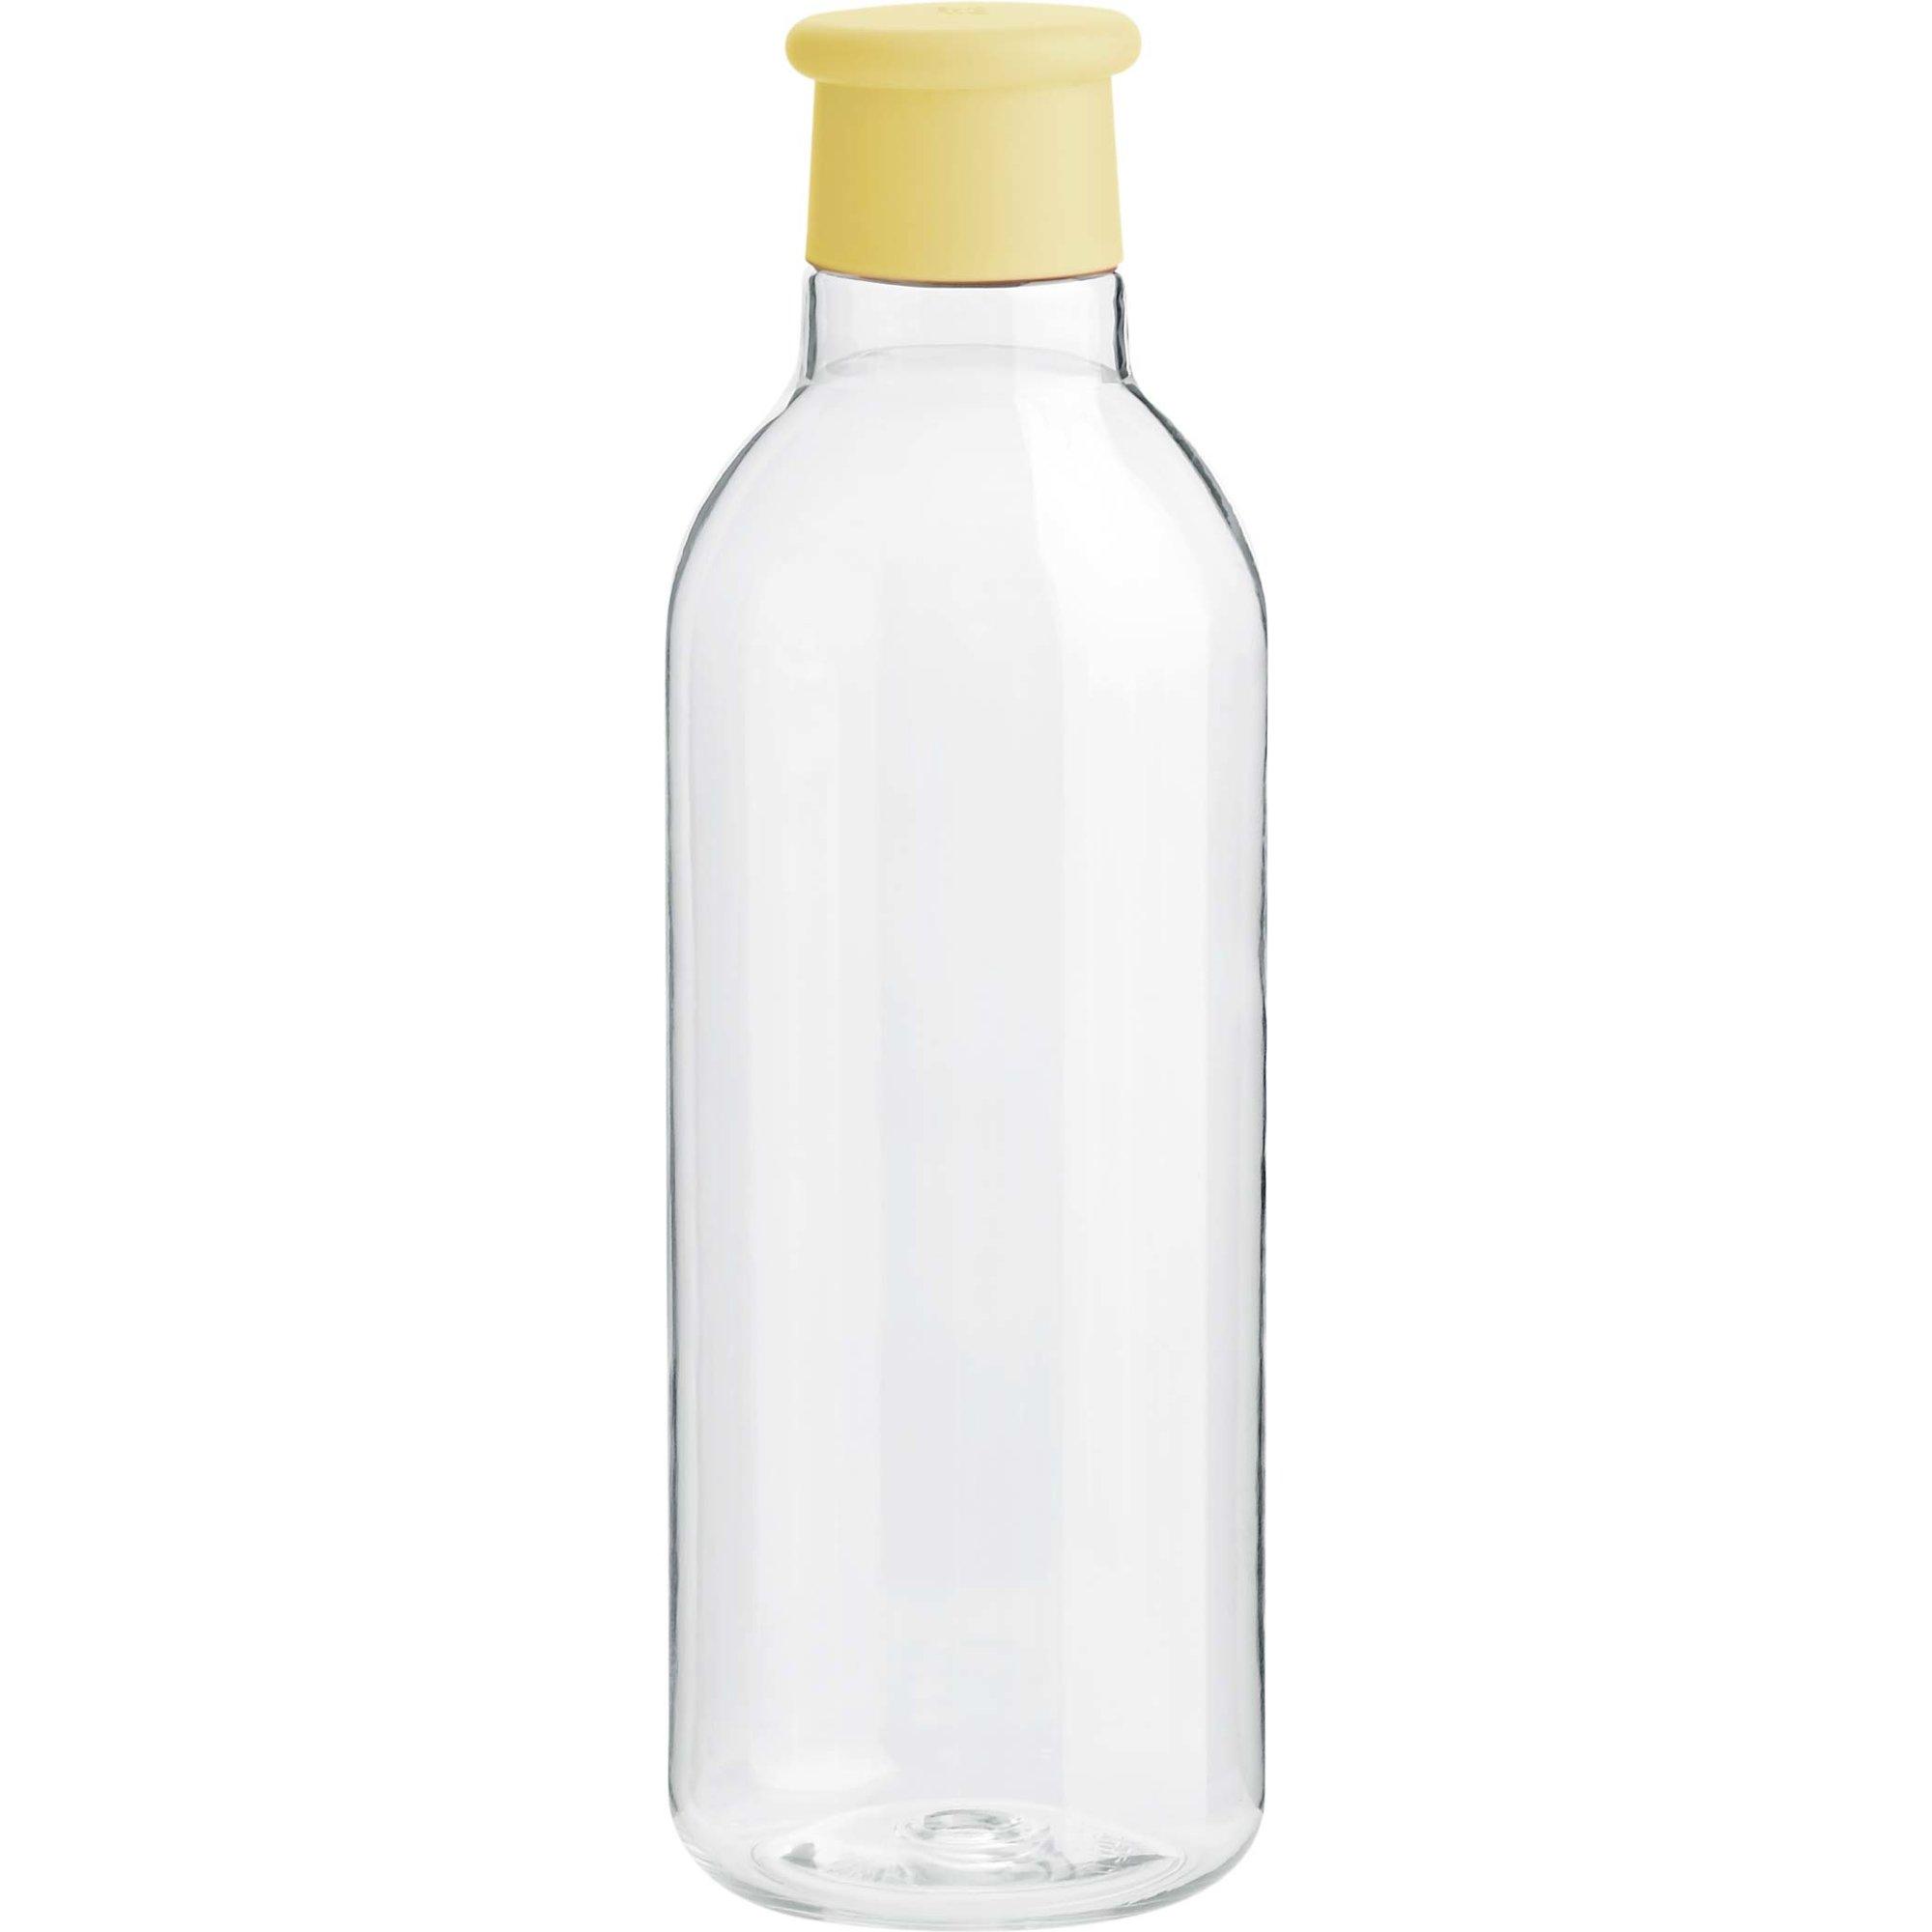 RIG-TIG DRINK-IT Vattenflaska 075 liter Gul